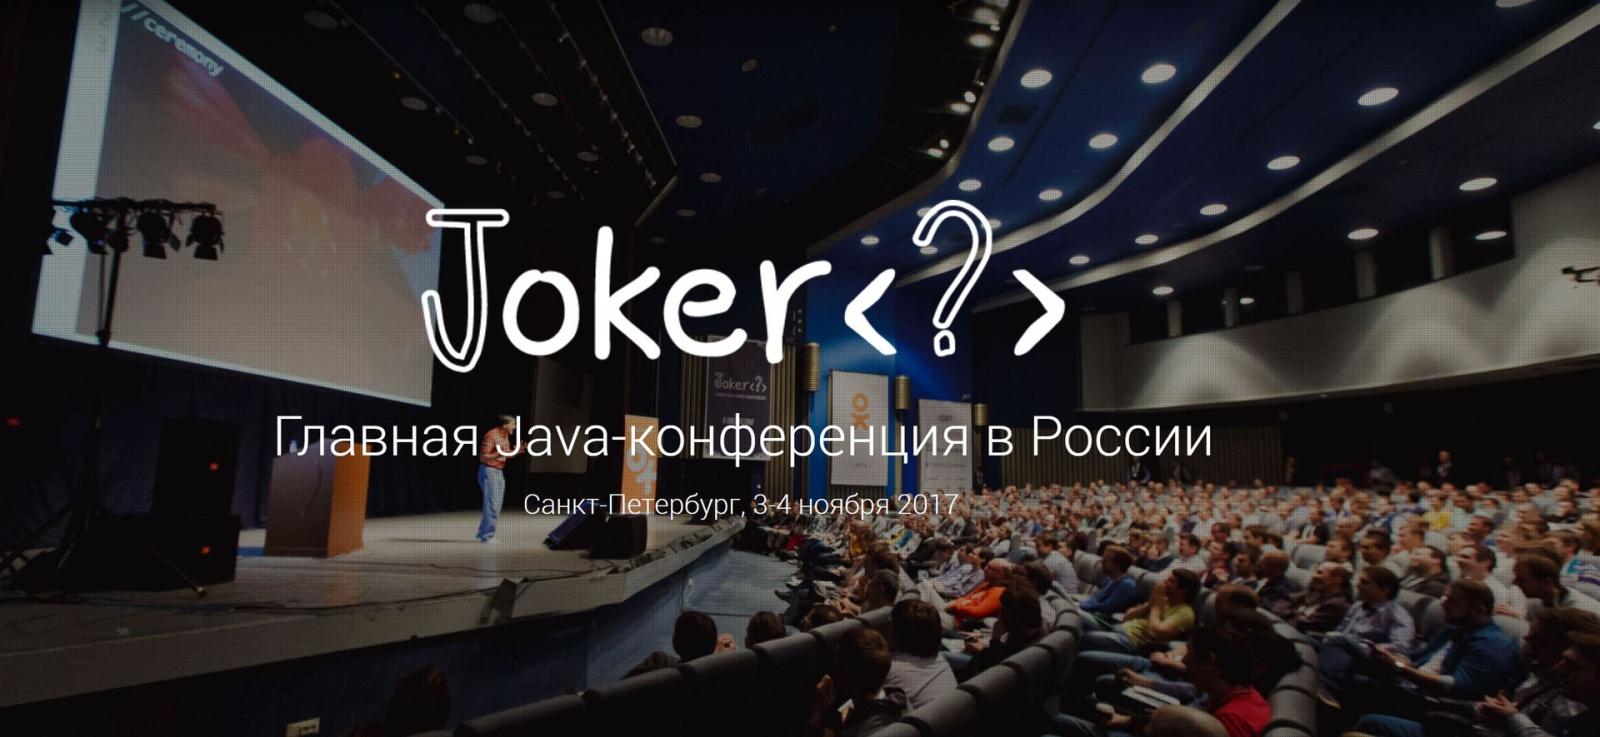 Дайджест IT-событий на ноябрь - 2